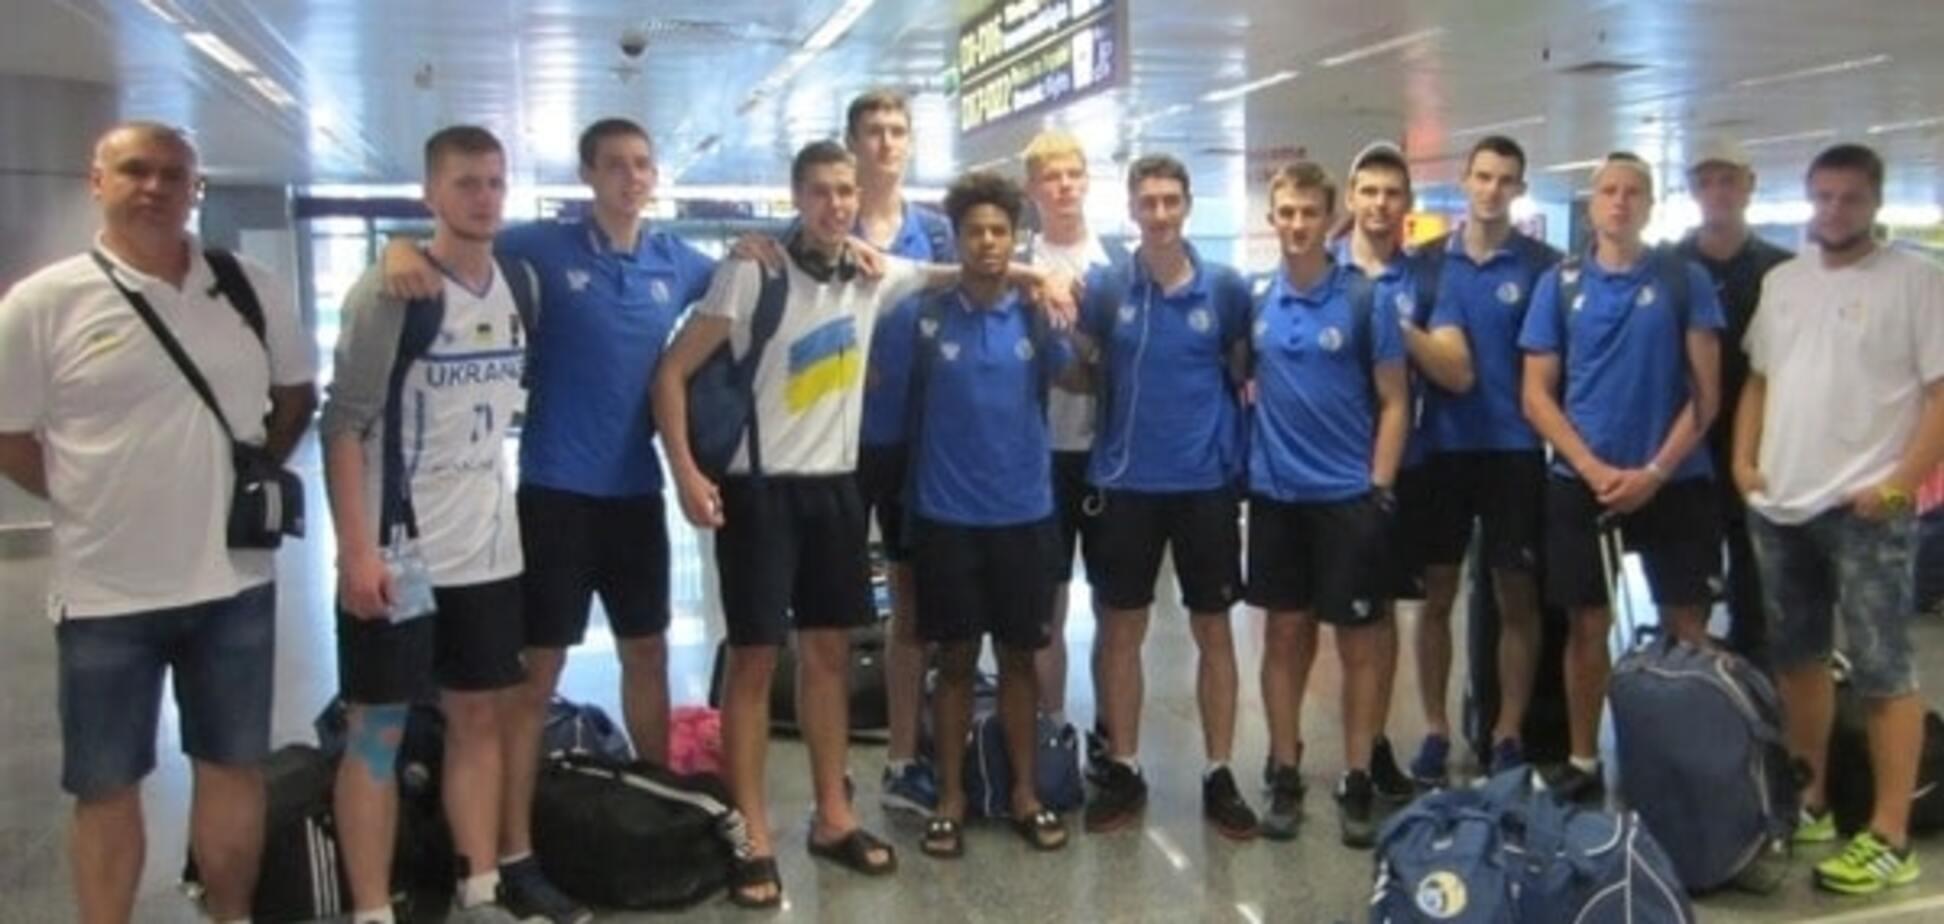 Герої повернулись! Збірна України в статусі віце-чемпіона Європи прилетіла додому